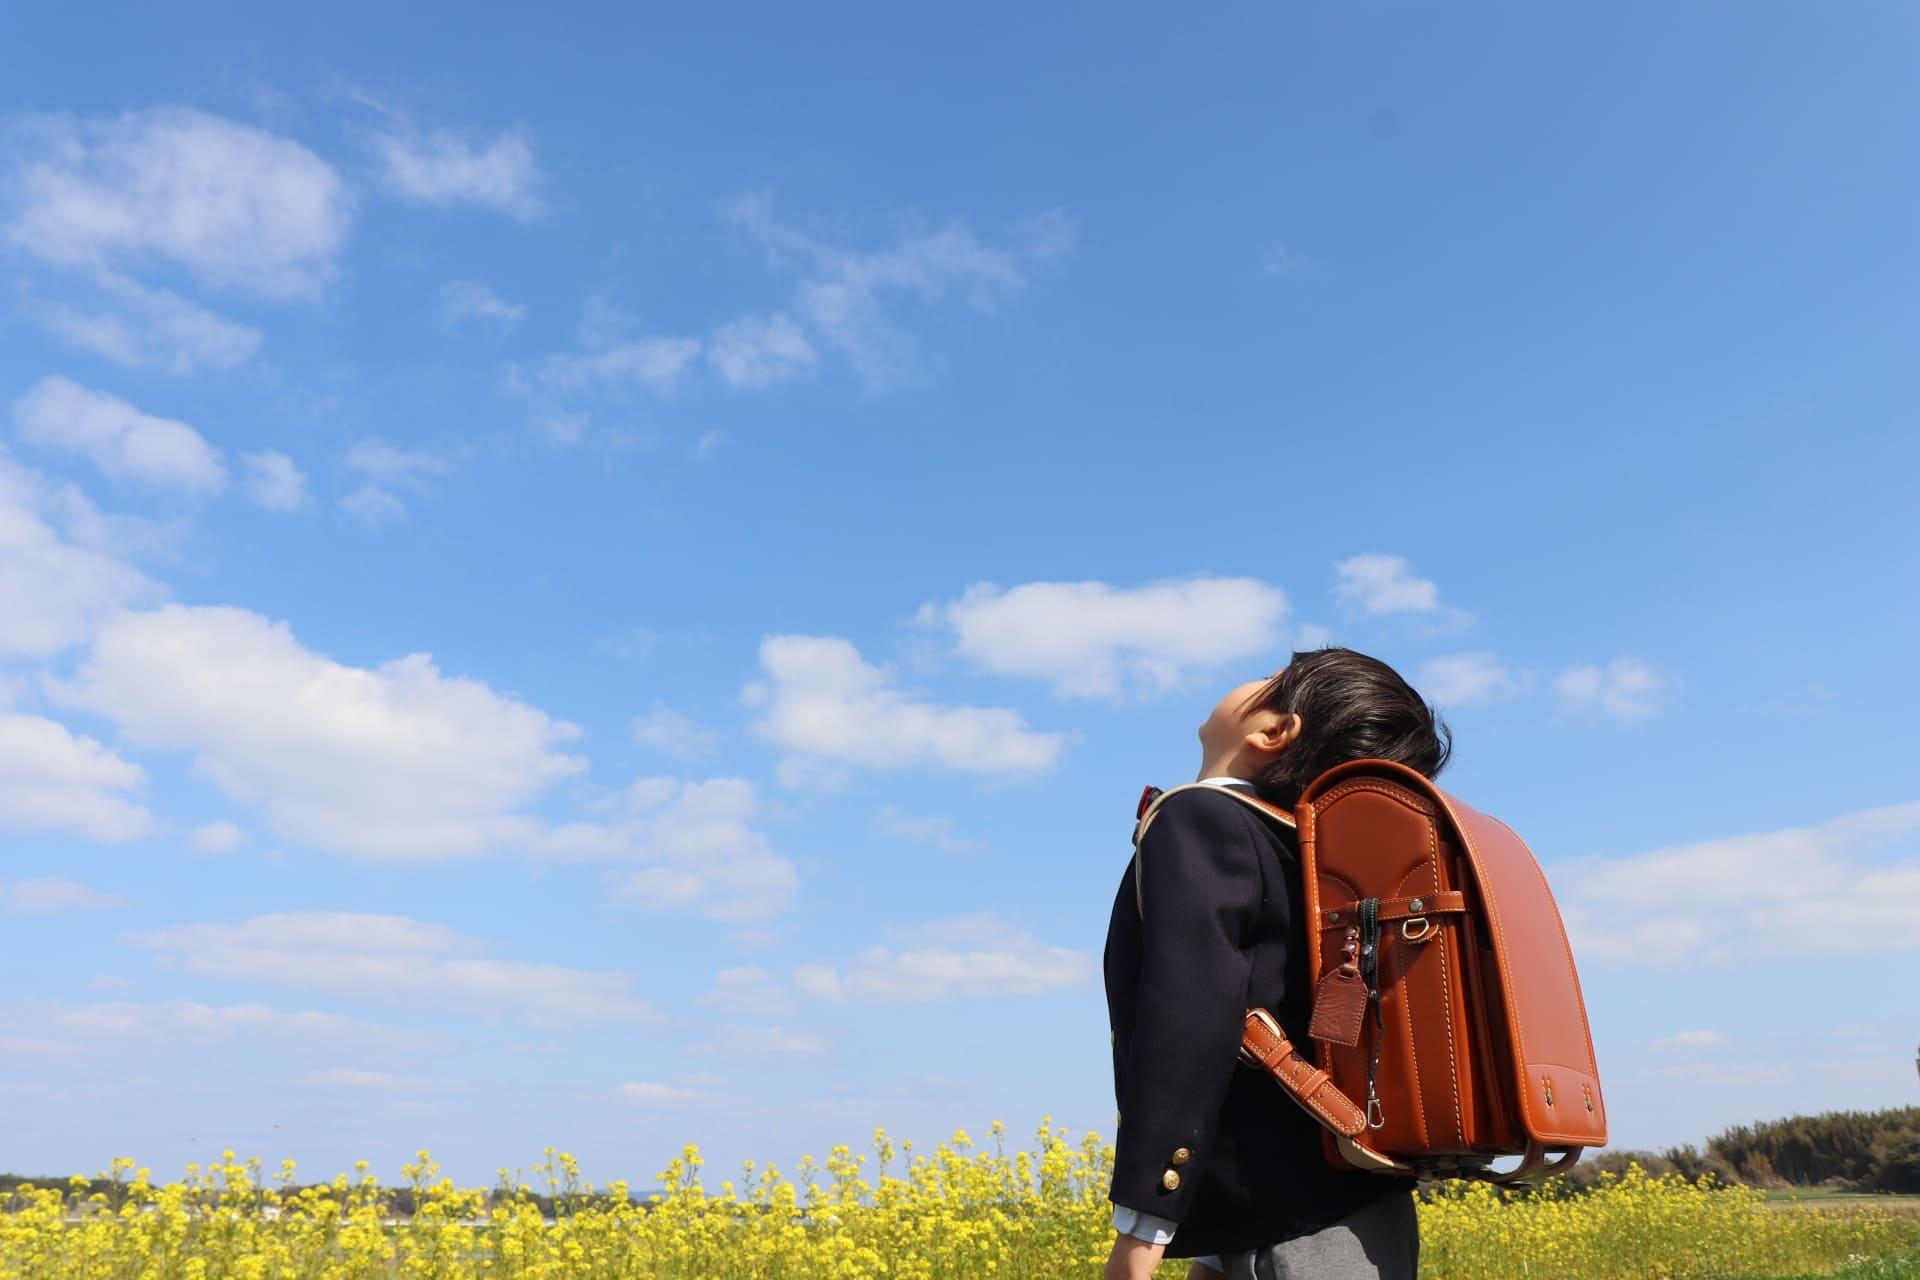 青空を見上げる小学生の女の子